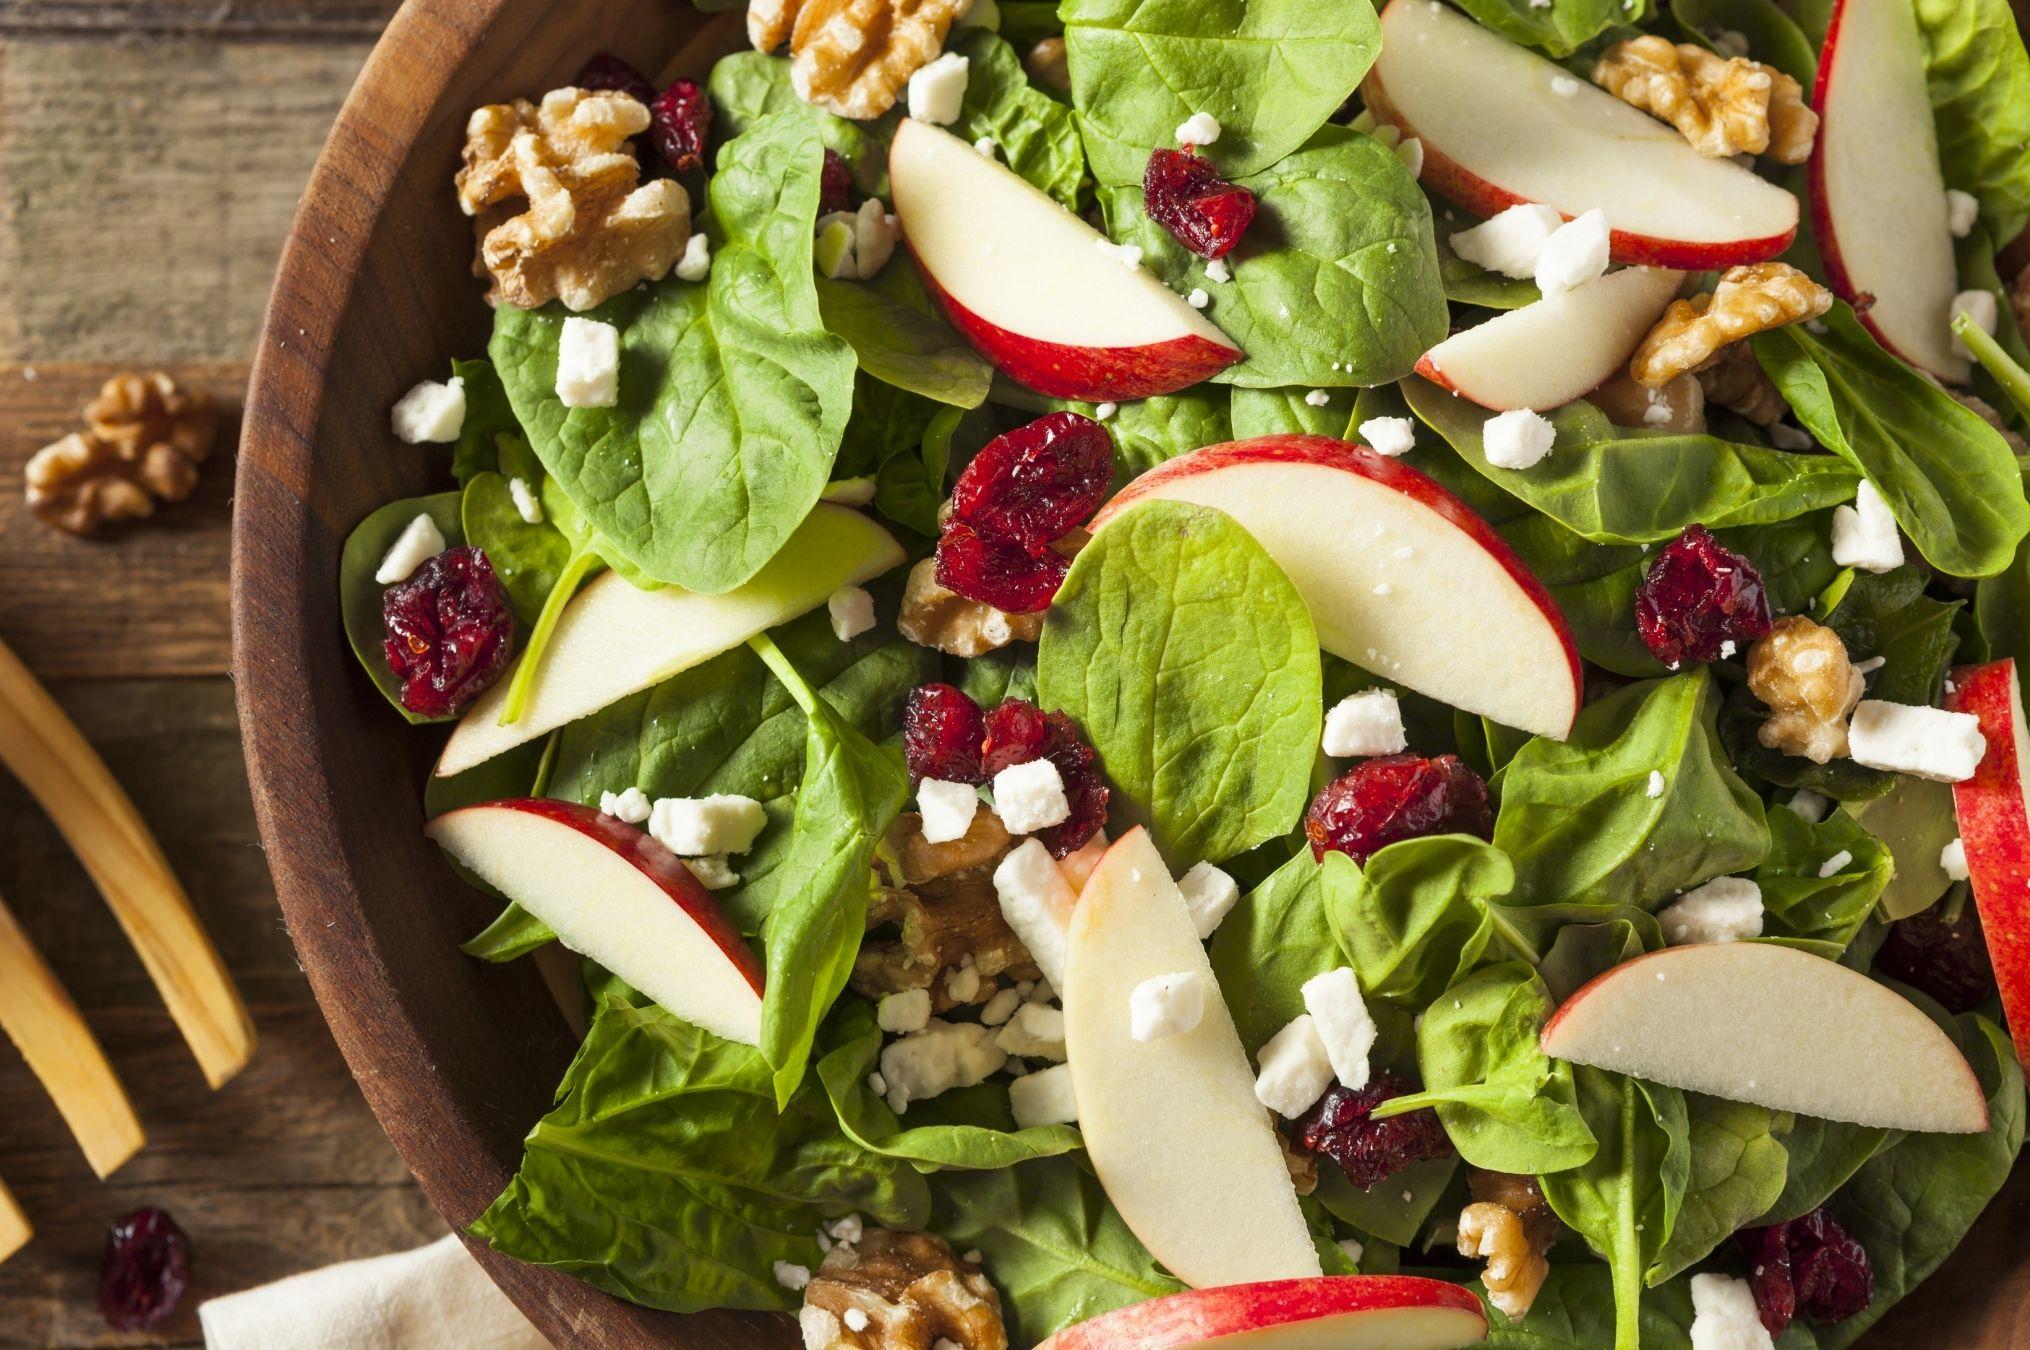 Receta El Huertico Ensalada de espinaca, manzana y queso de cabra